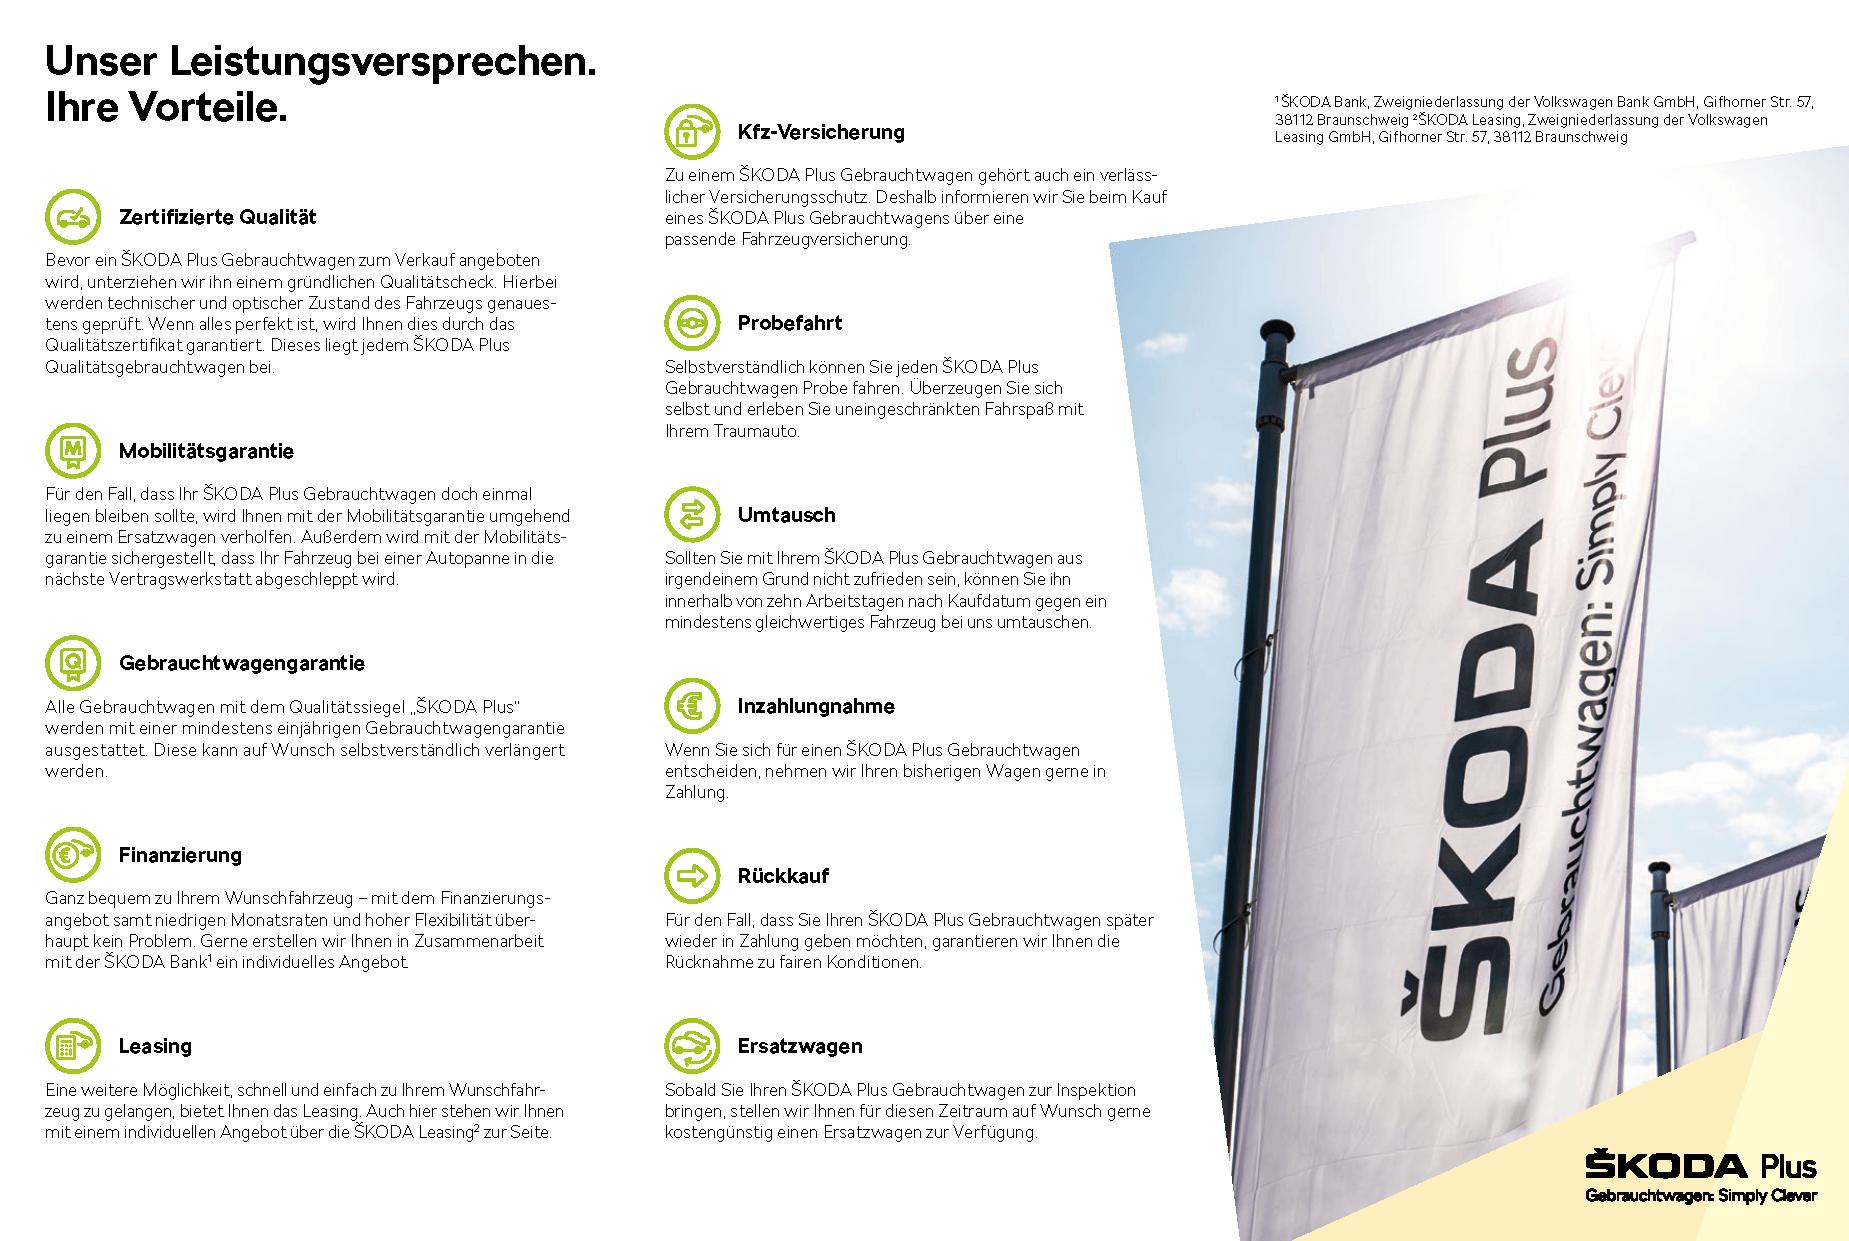 Skoda Plus